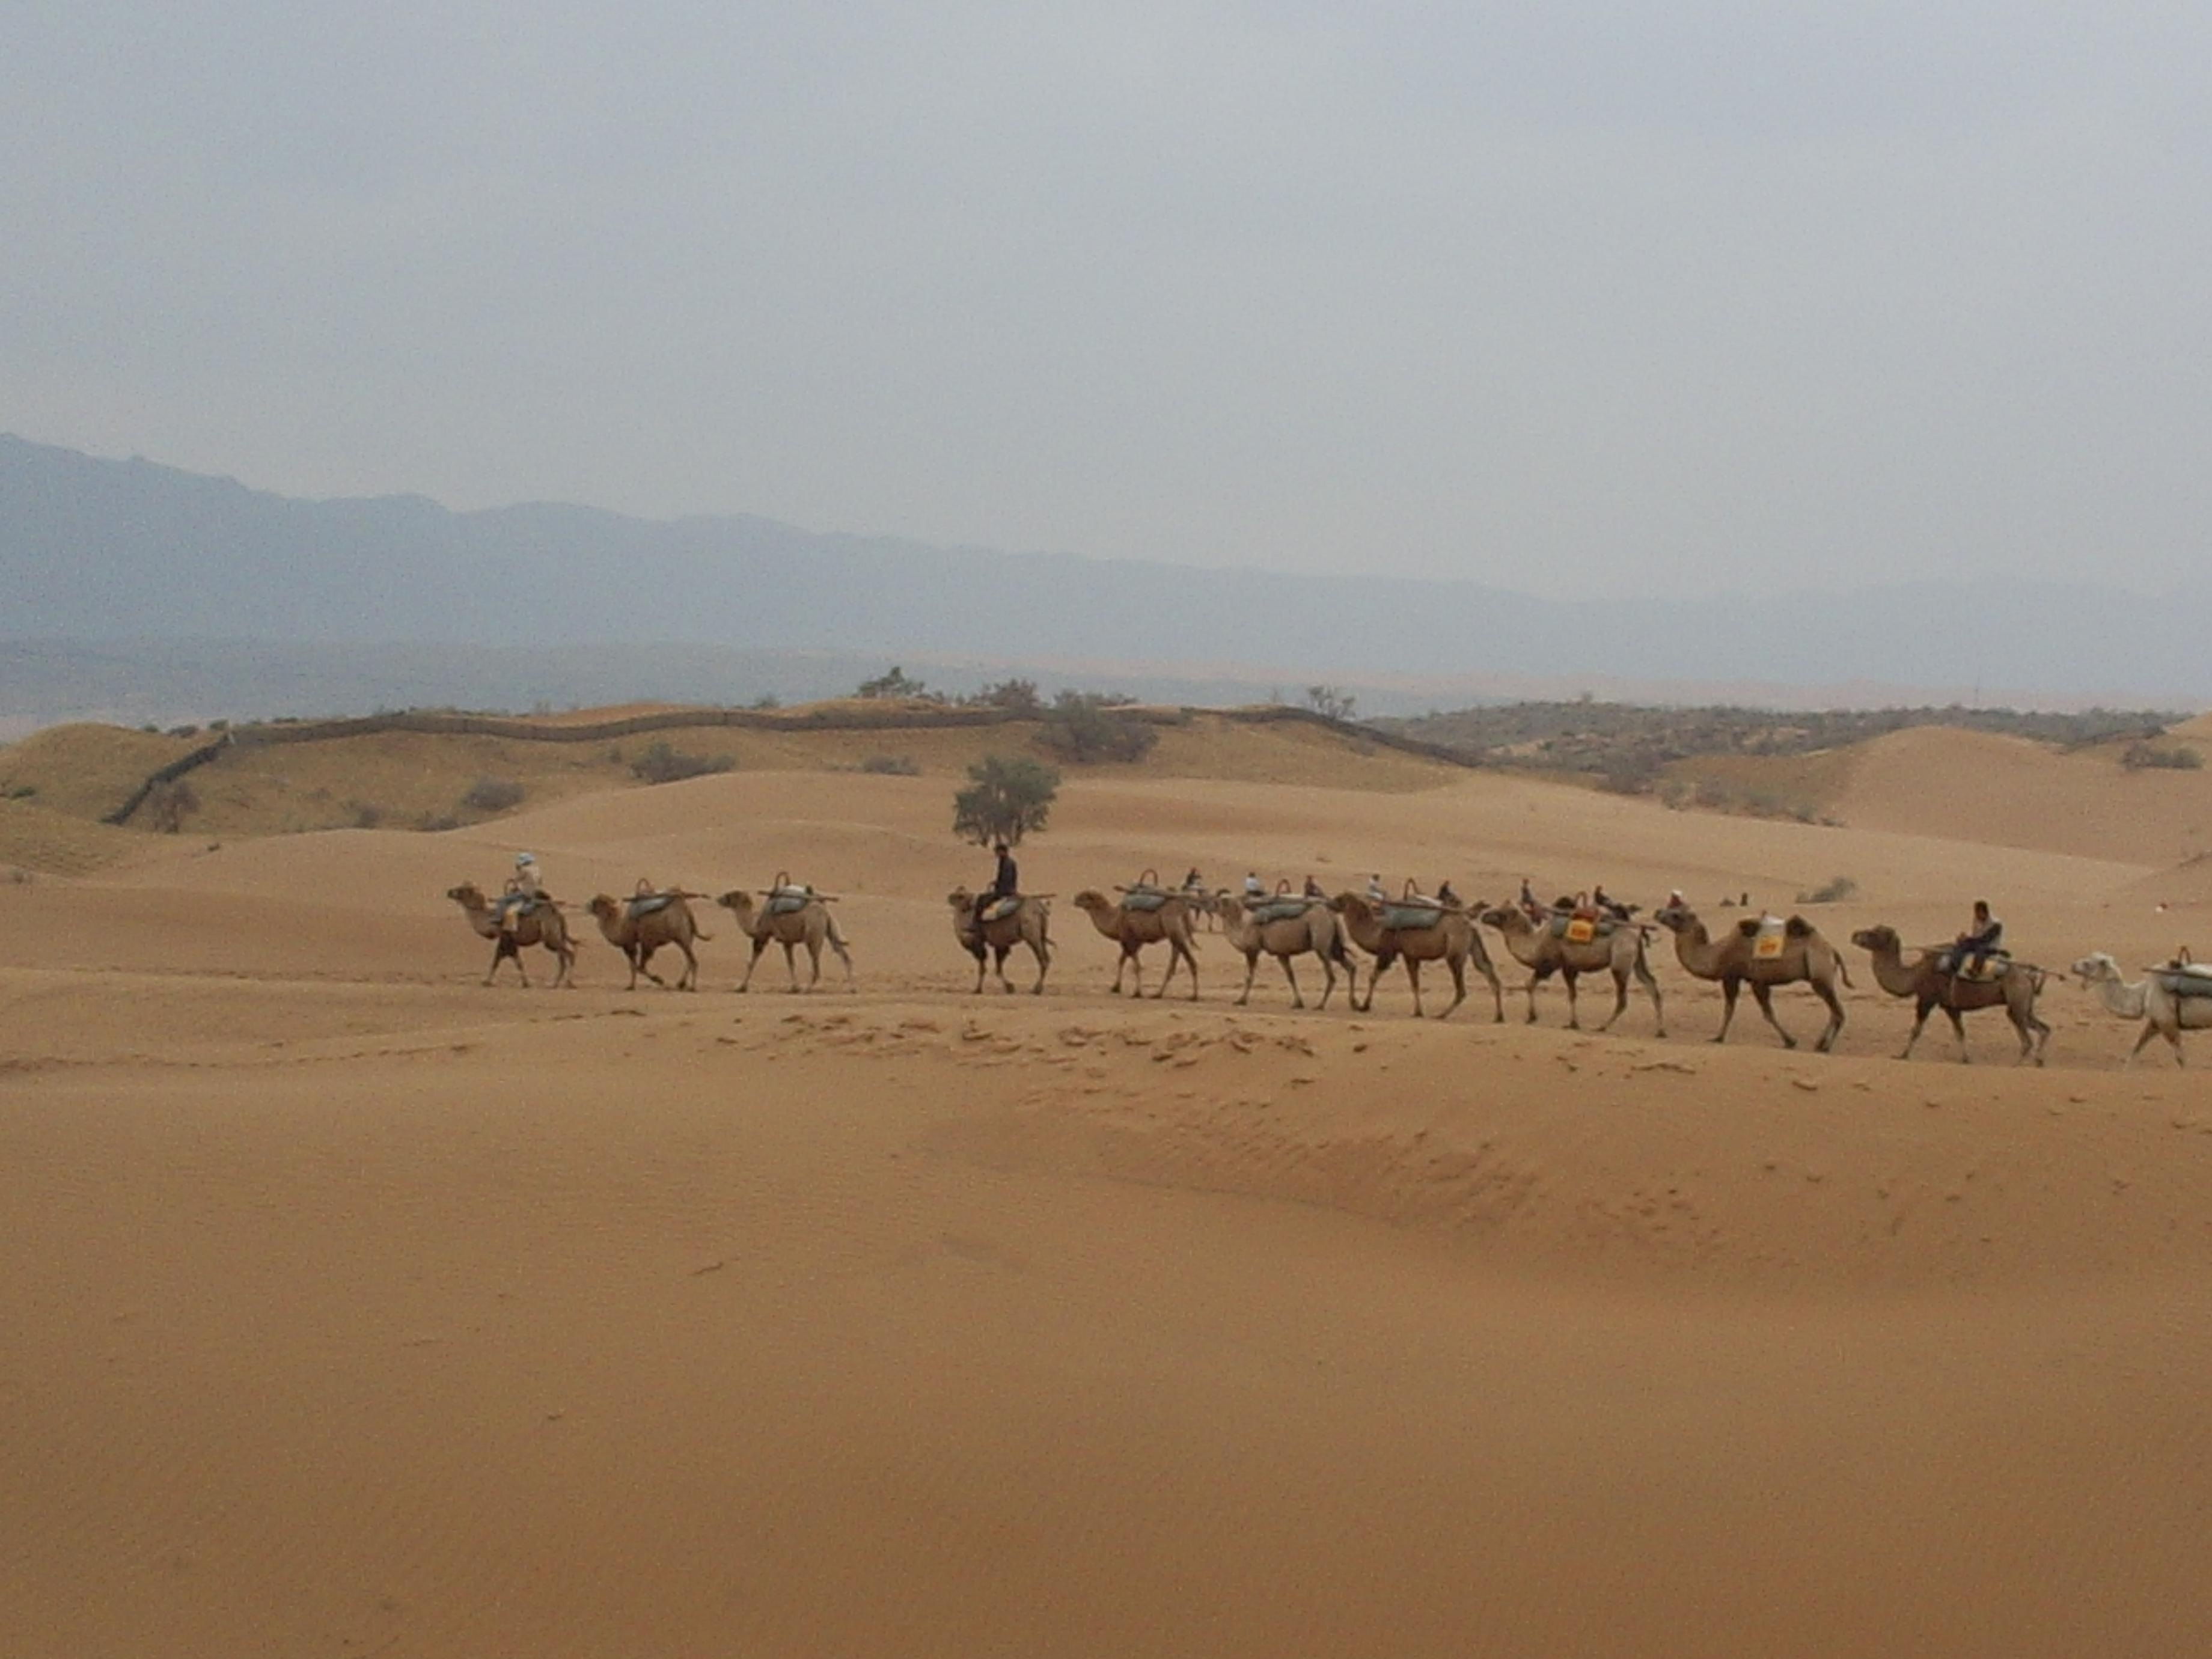 沙坡头,位于中卫市区以西约20公里处,从市区前往大约需要1小时左右。 沙坡头是国家首批5A级旅游景区,黄河第一入川口,是欧亚大通道,古丝绸之路的必经之地。沙坡头景区南靠山峦叠嶂、巍峨雄奇的祁连山余脉香山,北连沙峰林立、绵延万里的腾格里大沙漠,中间被奔腾而下,一泻千里的黄河横穿而过。这种一边是浩瀚无垠的腾格里大沙漠,一边是长流不息的黄河水的景色非常壮丽,自古以来就有许多文人墨客在此留下诗词文章。唐代诗人王维的千古名句大漠孤烟直,长河落日圆,描写的就是此处。 在这里,你可以去国内最大的天然滑沙场,从百米沙坡